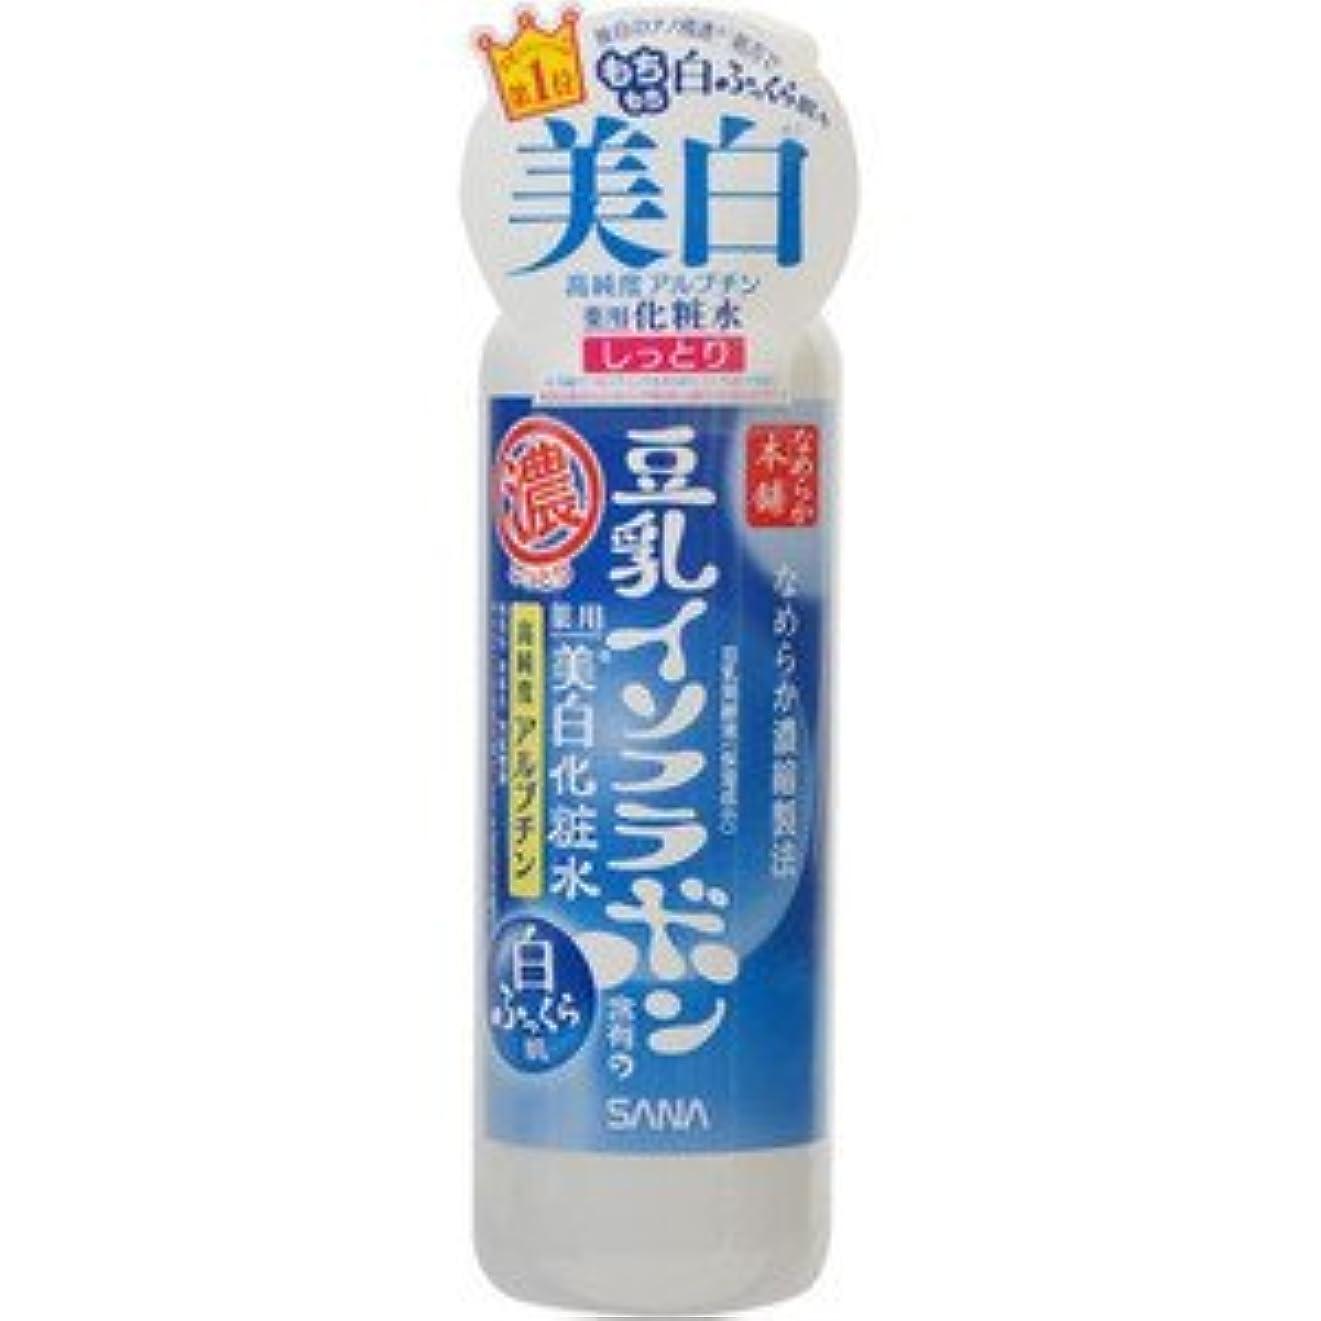 唯一骨髄タイルサナ なめらか本舗 薬用美白しっとり化粧水 × 10個セット